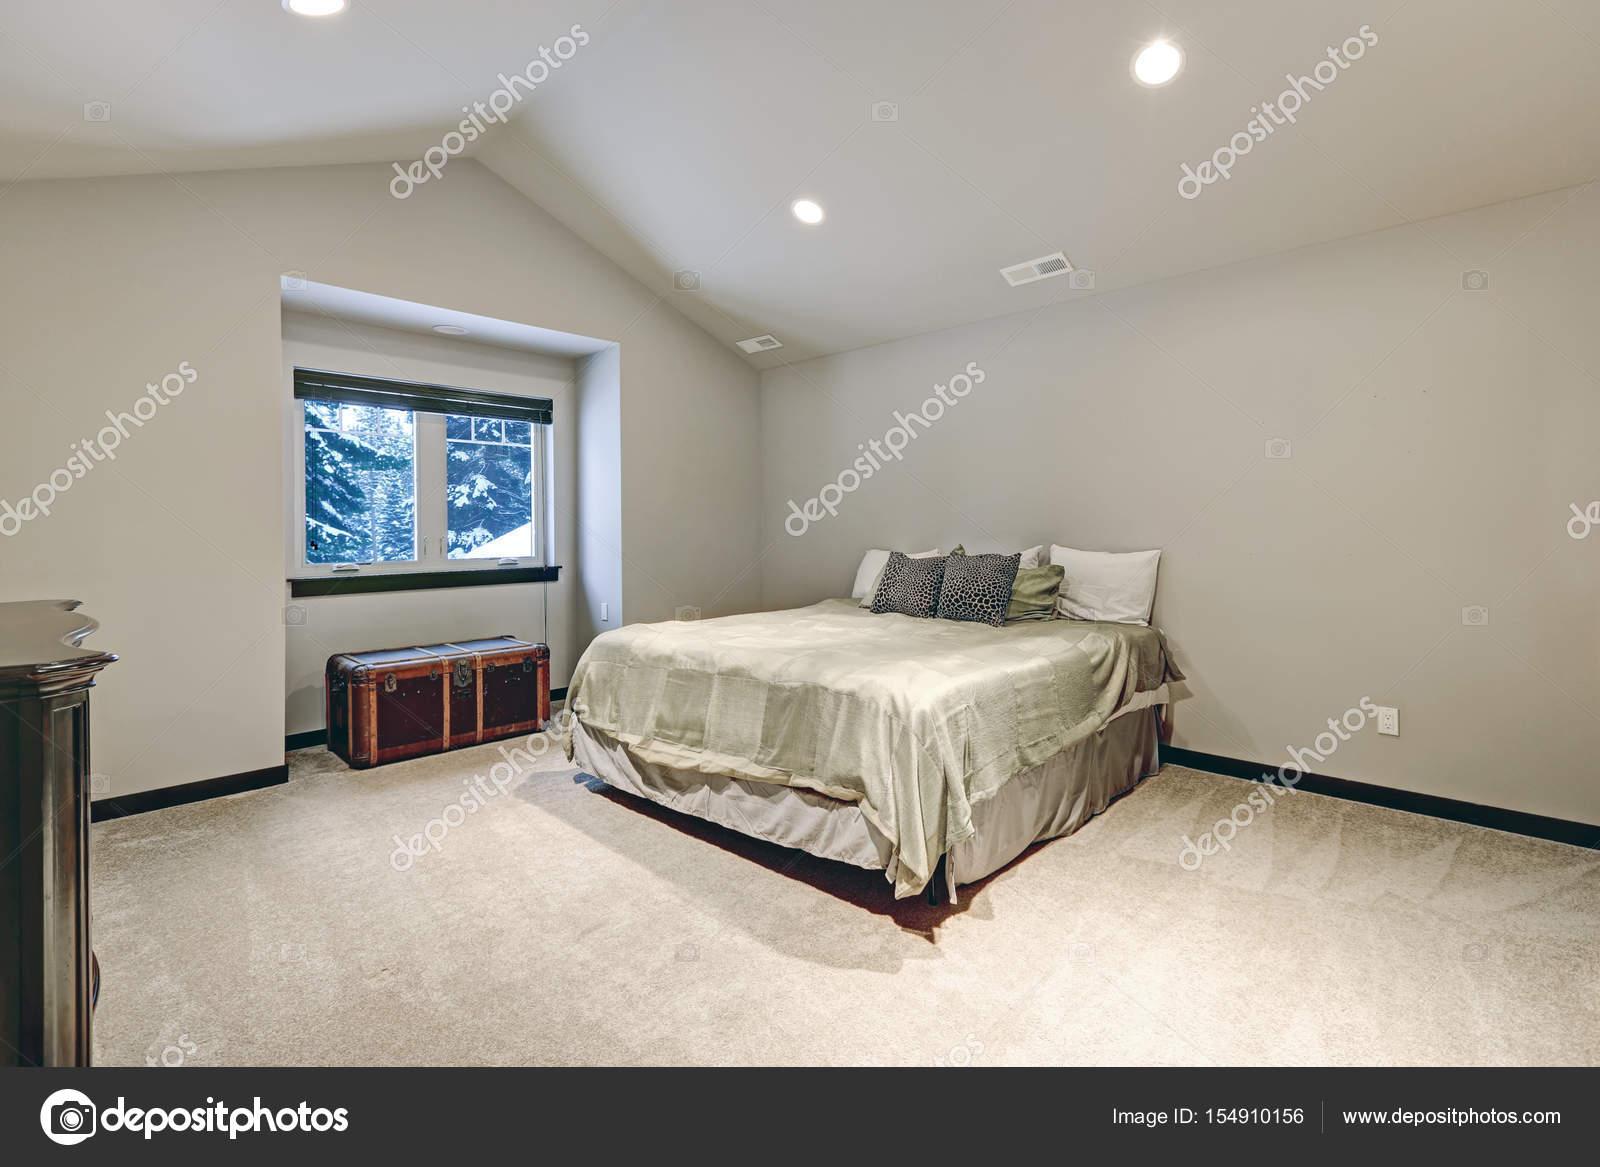 Gewelfd plafond ontwerp van de slaapkamer met groot bed u2014 stockfoto